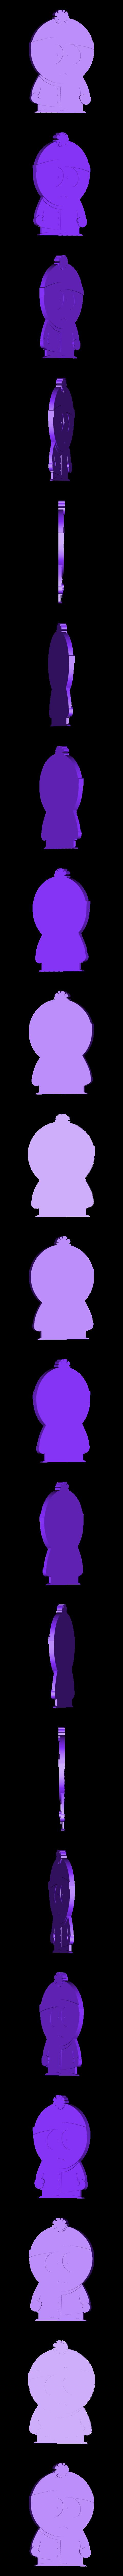 Stan_no_hanger.stl Télécharger fichier STL gratuit Stan, Kyle, Kenny et Cartman - Personnages de South Park • Modèle à imprimer en 3D, ChaosCoreTech